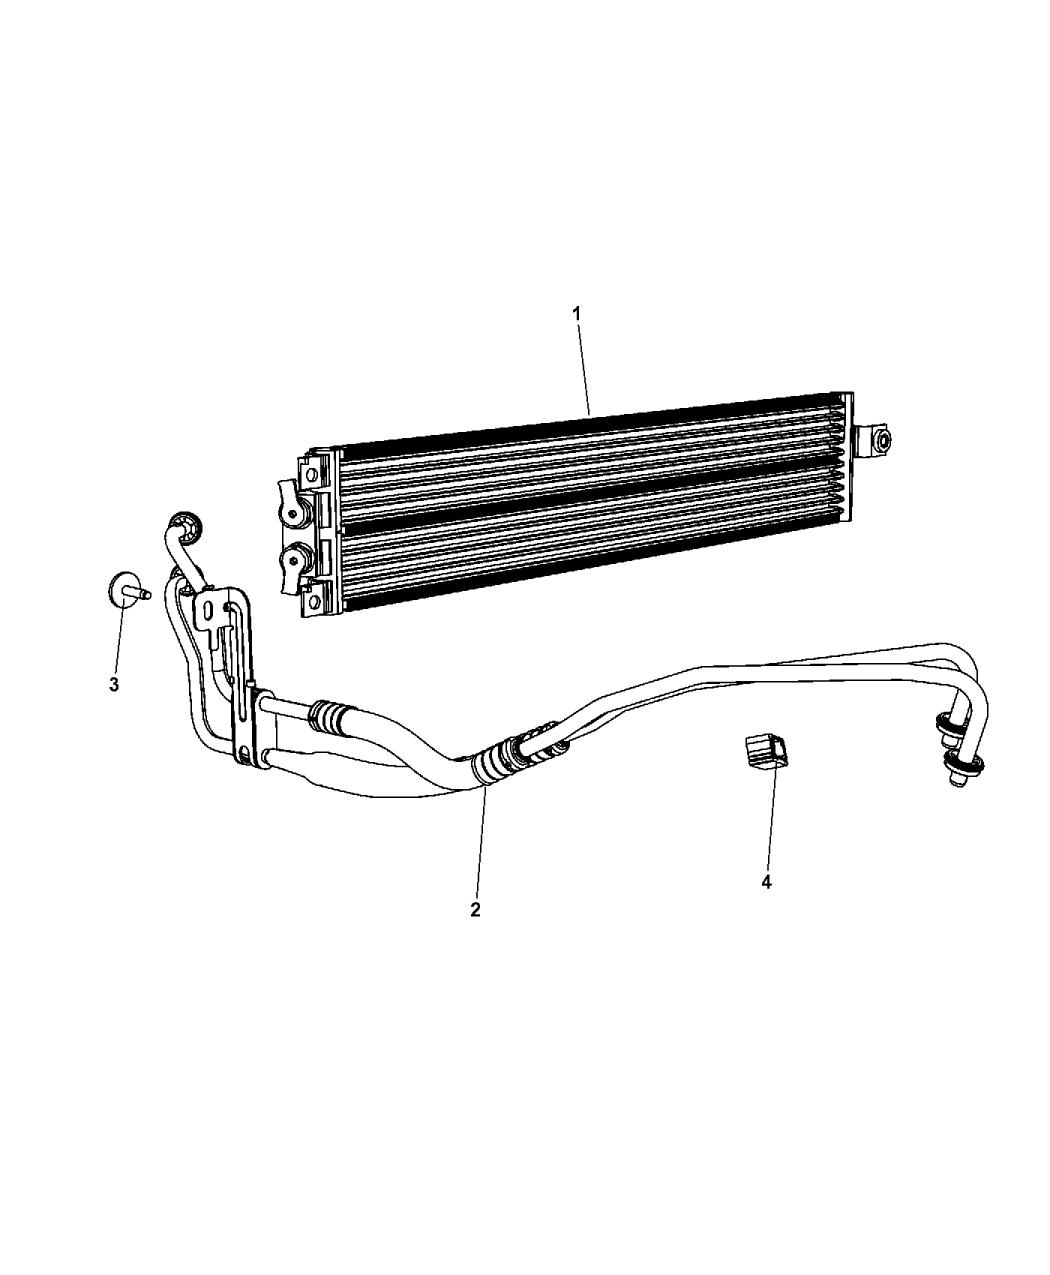 2015 dodge journey transmission oil cooler lines. Black Bedroom Furniture Sets. Home Design Ideas